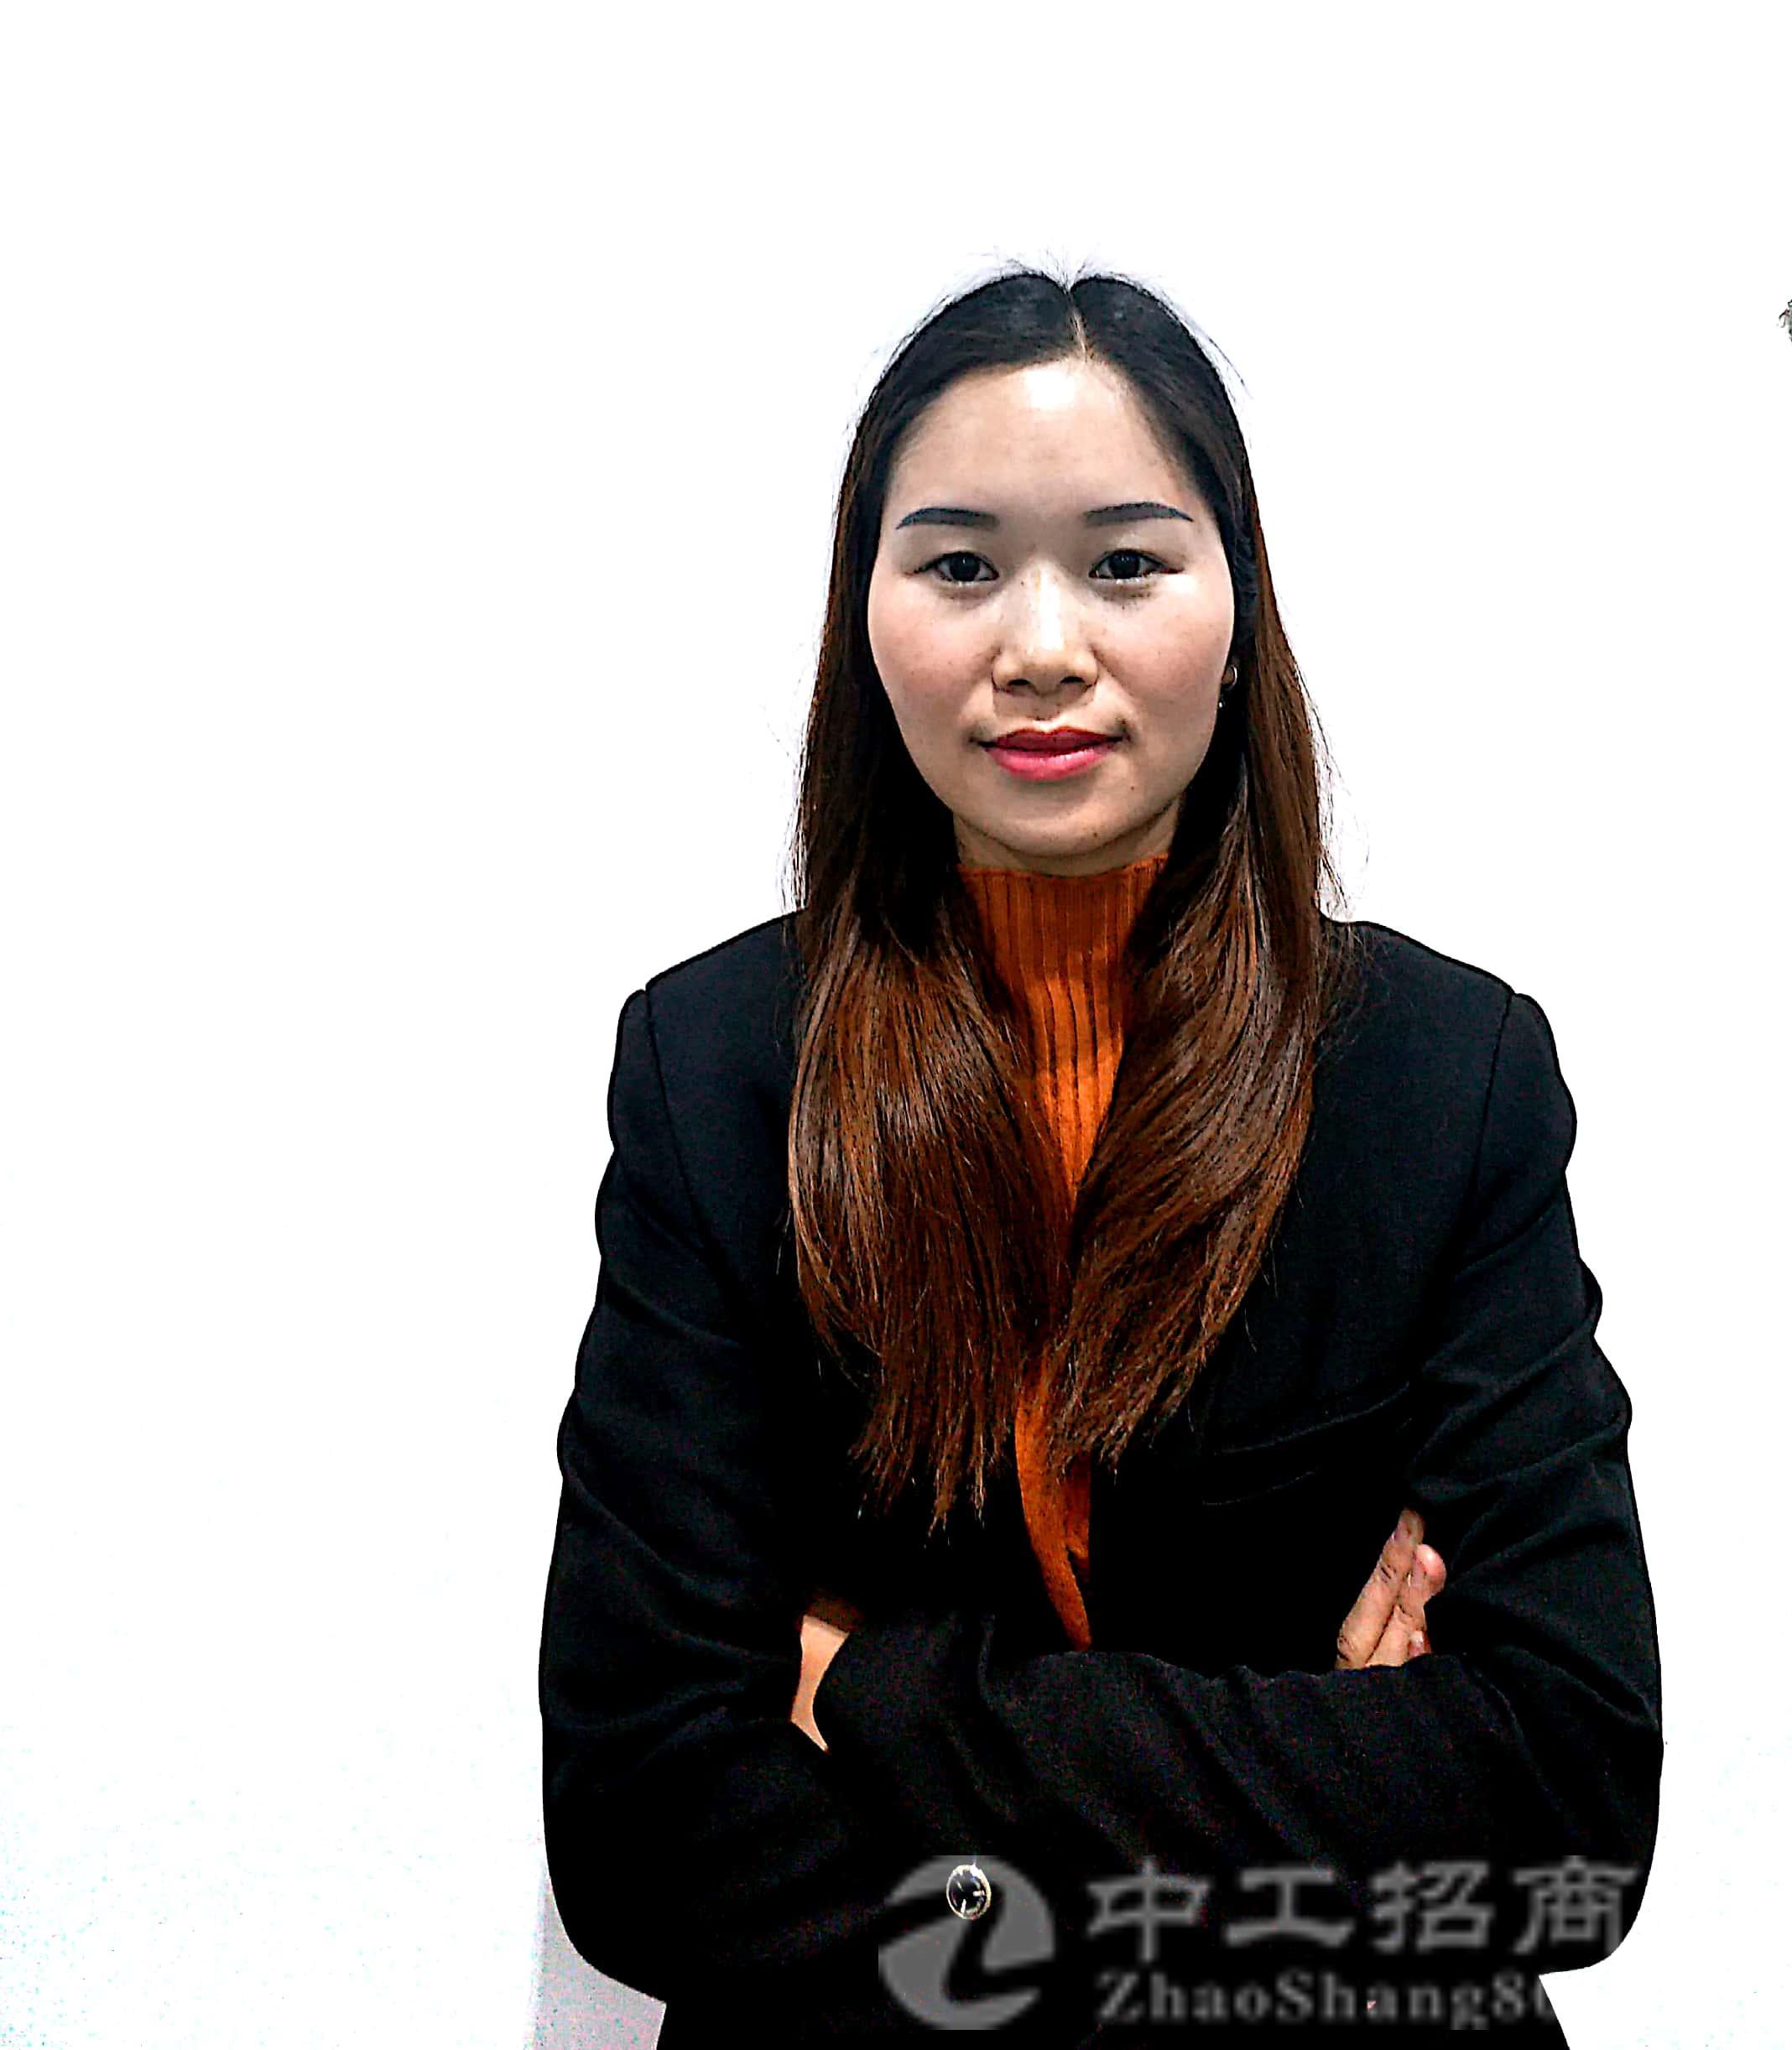 厂房经纪人李玲